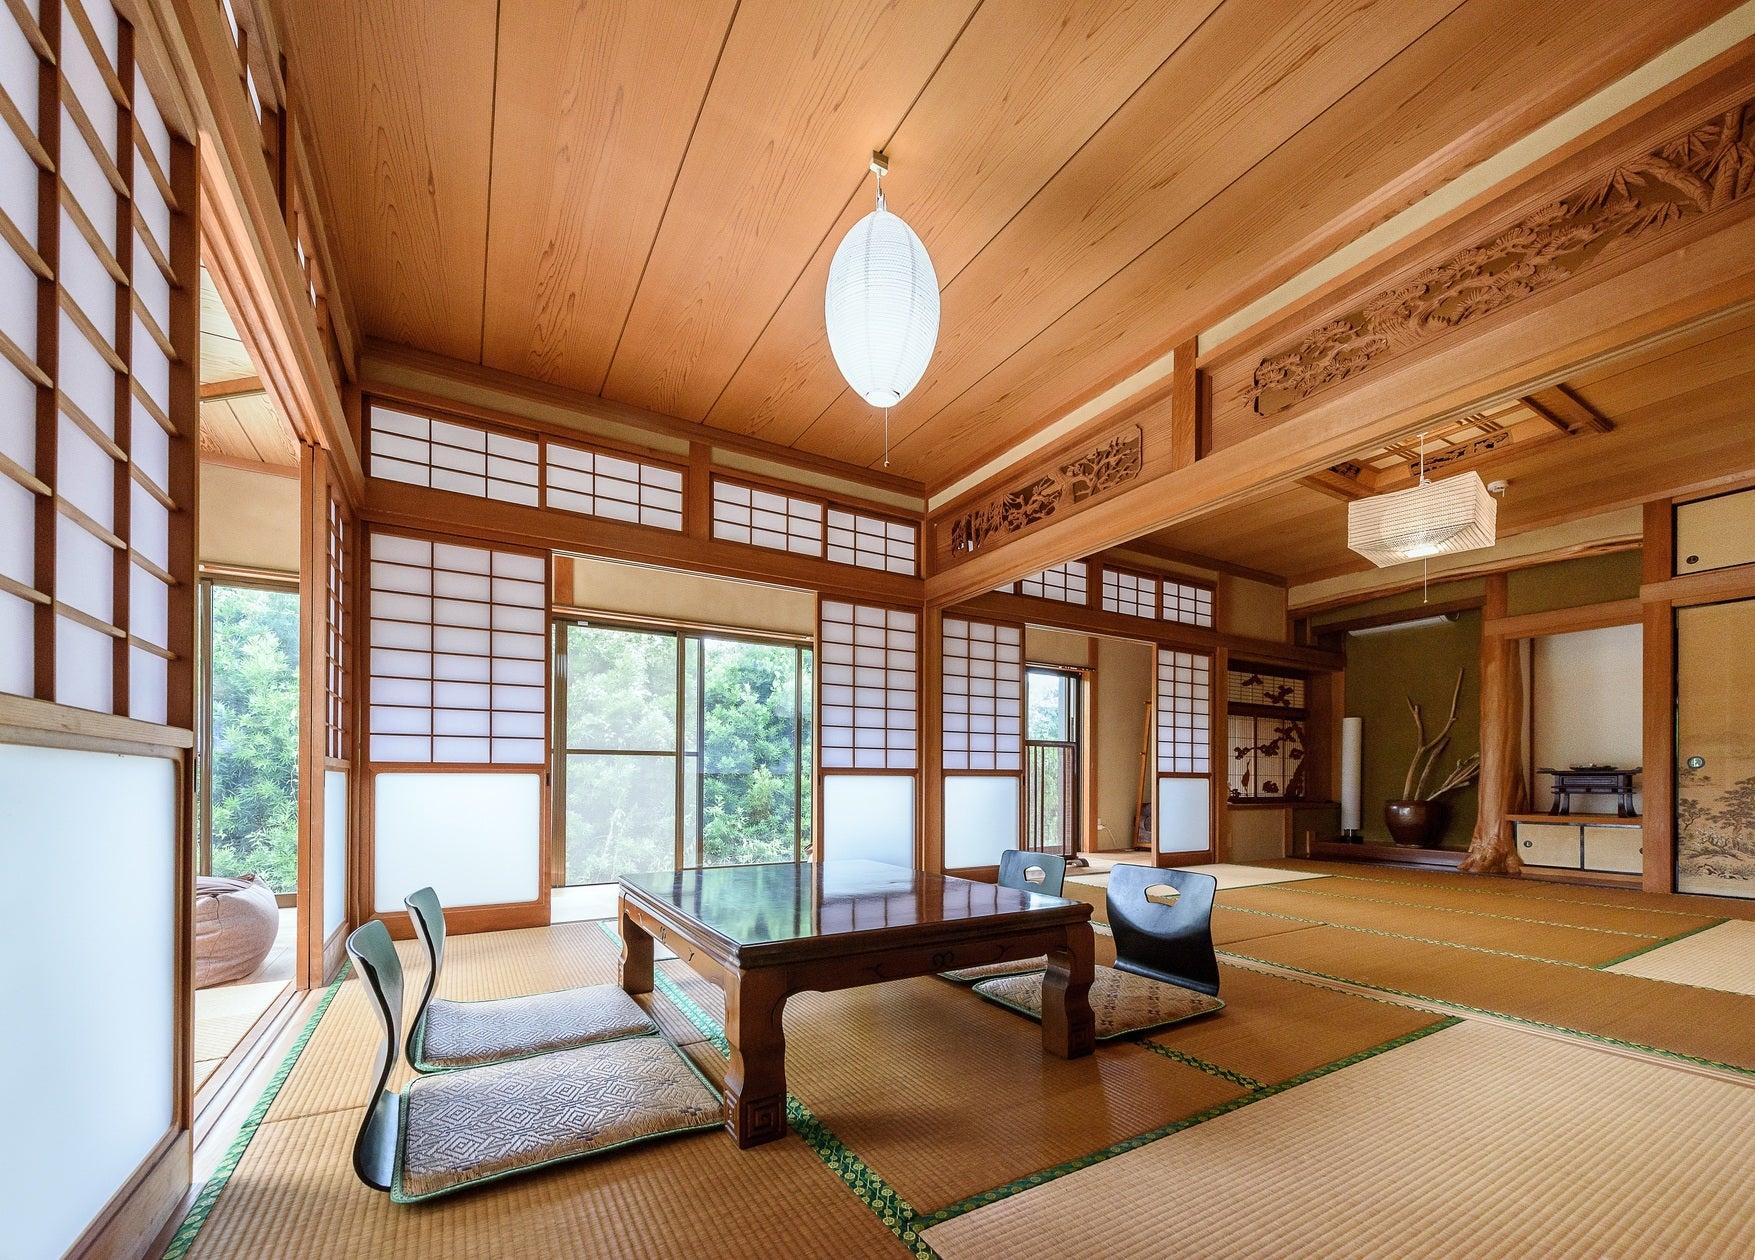 一棟貸し平戸よこた|伝統的な日本家屋を貸し切る贅沢 の写真